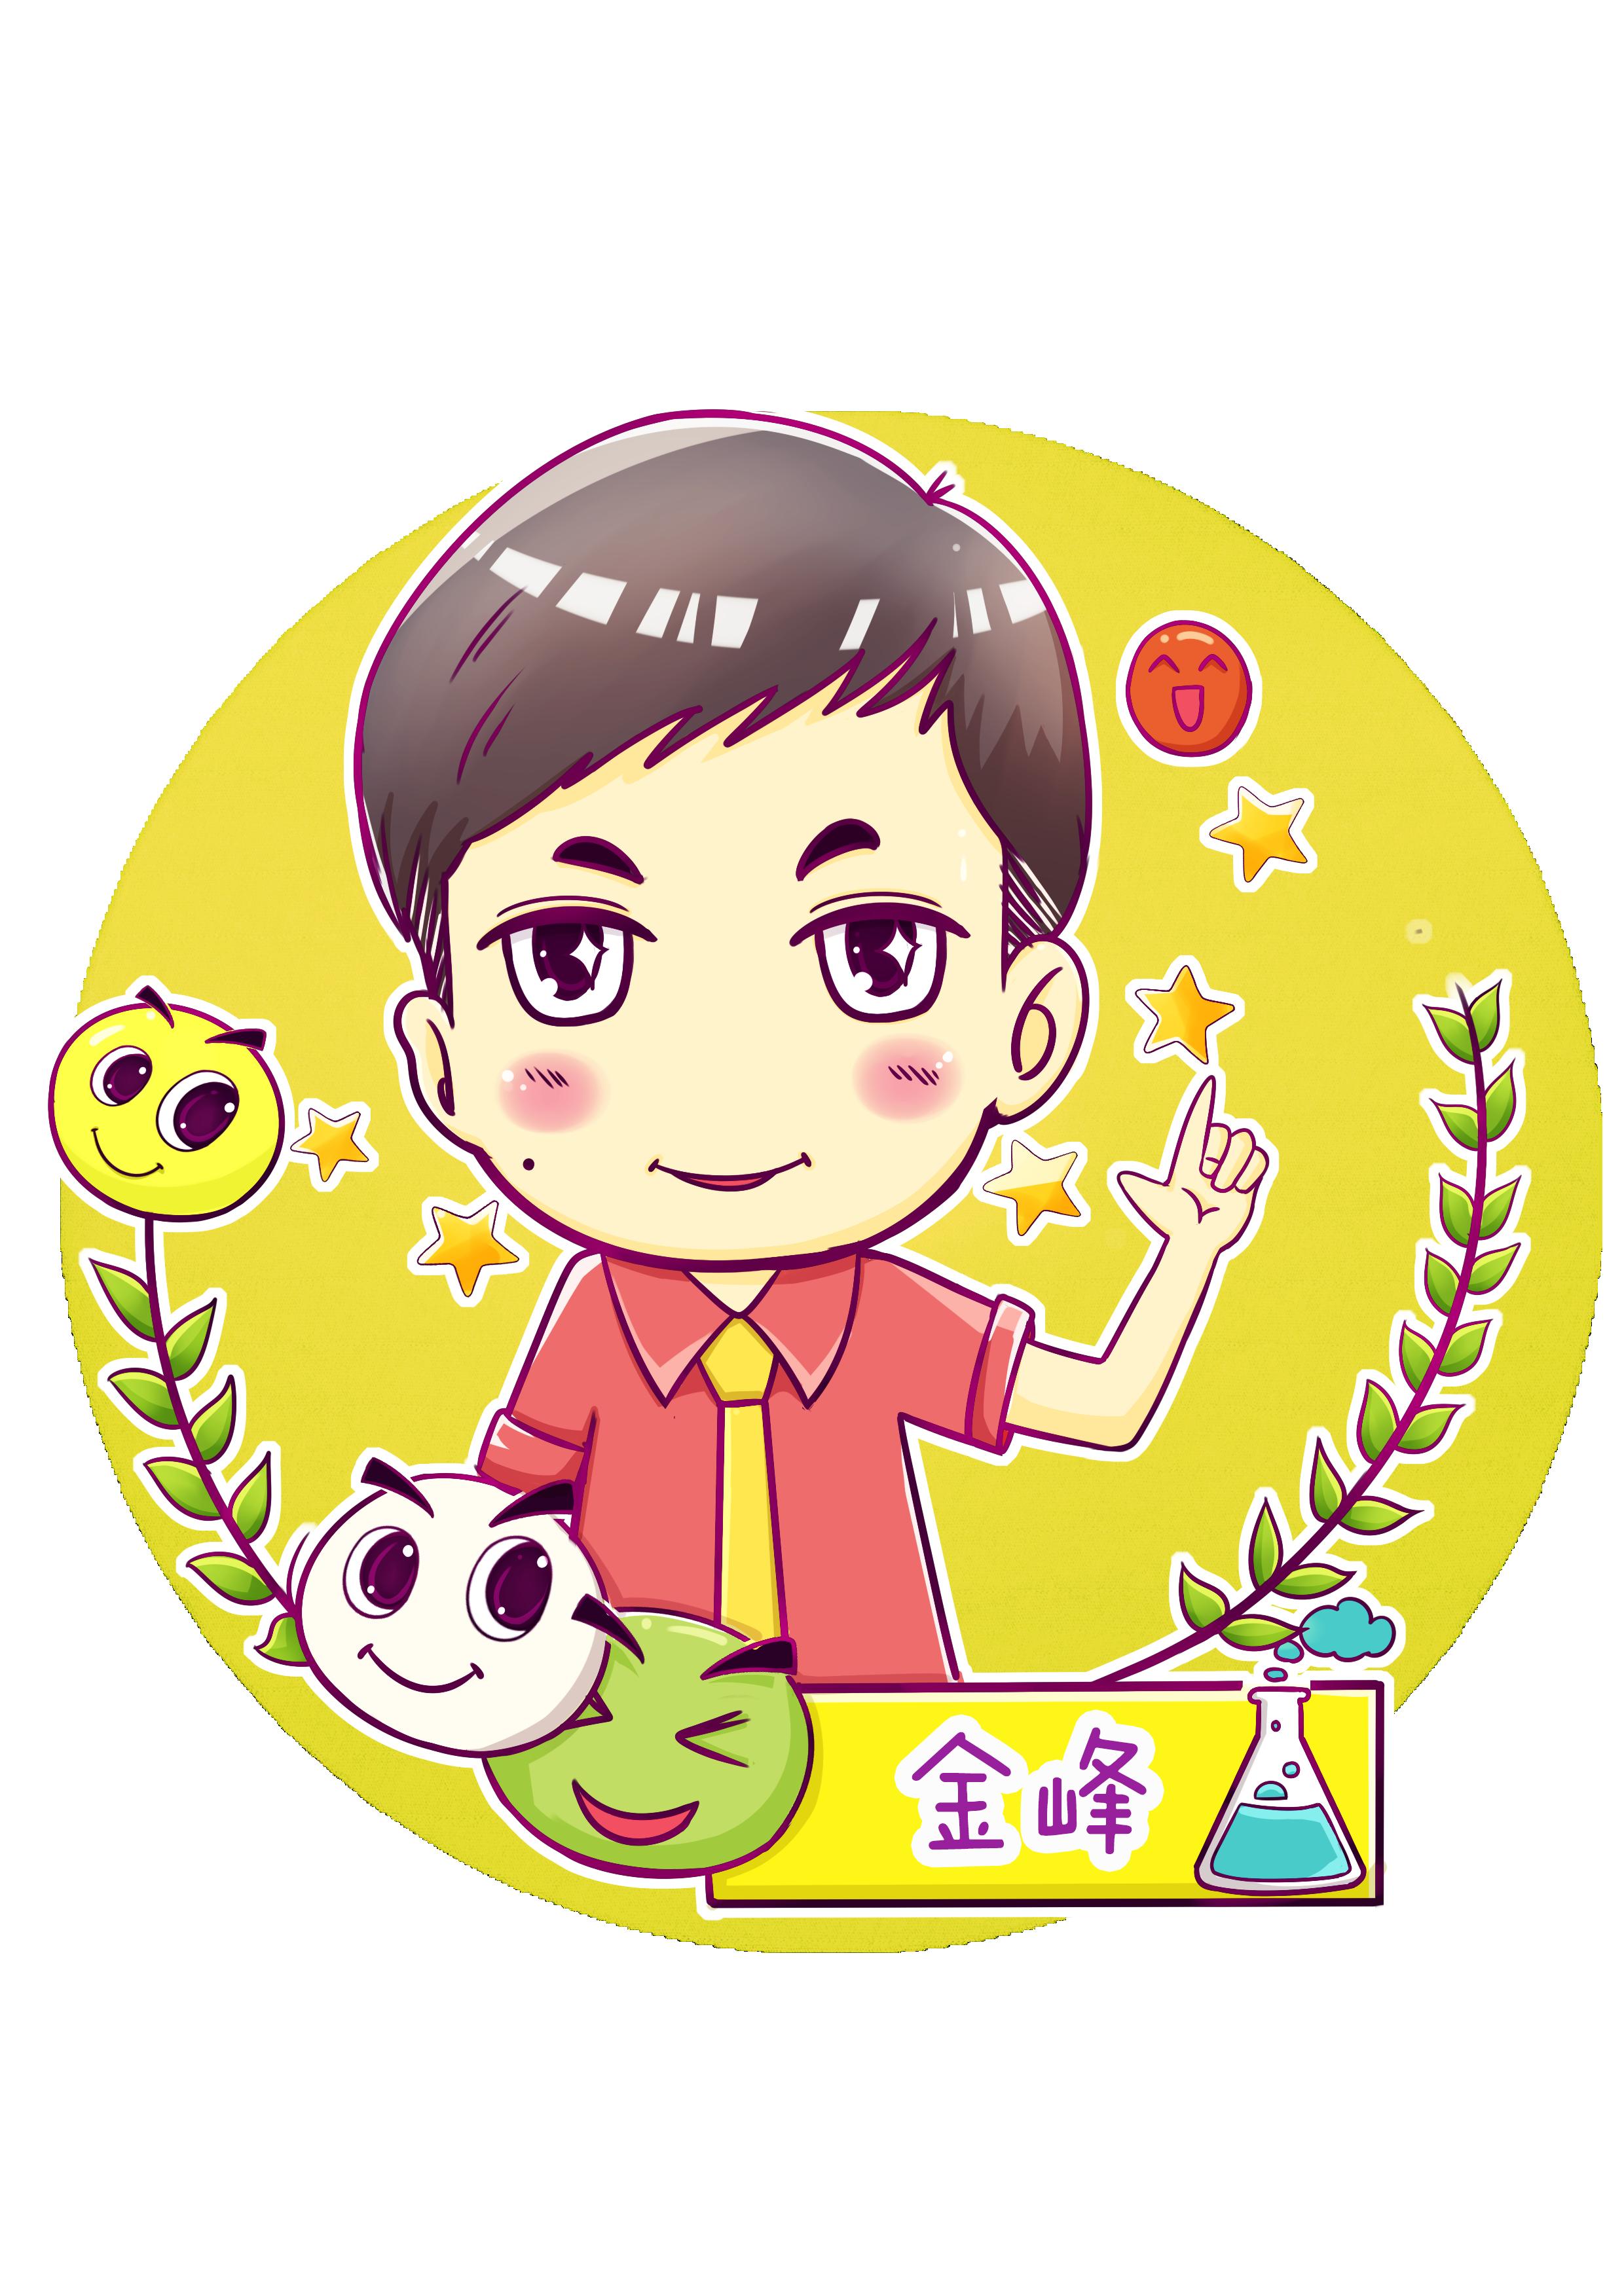 金峰老师卡通形象设计